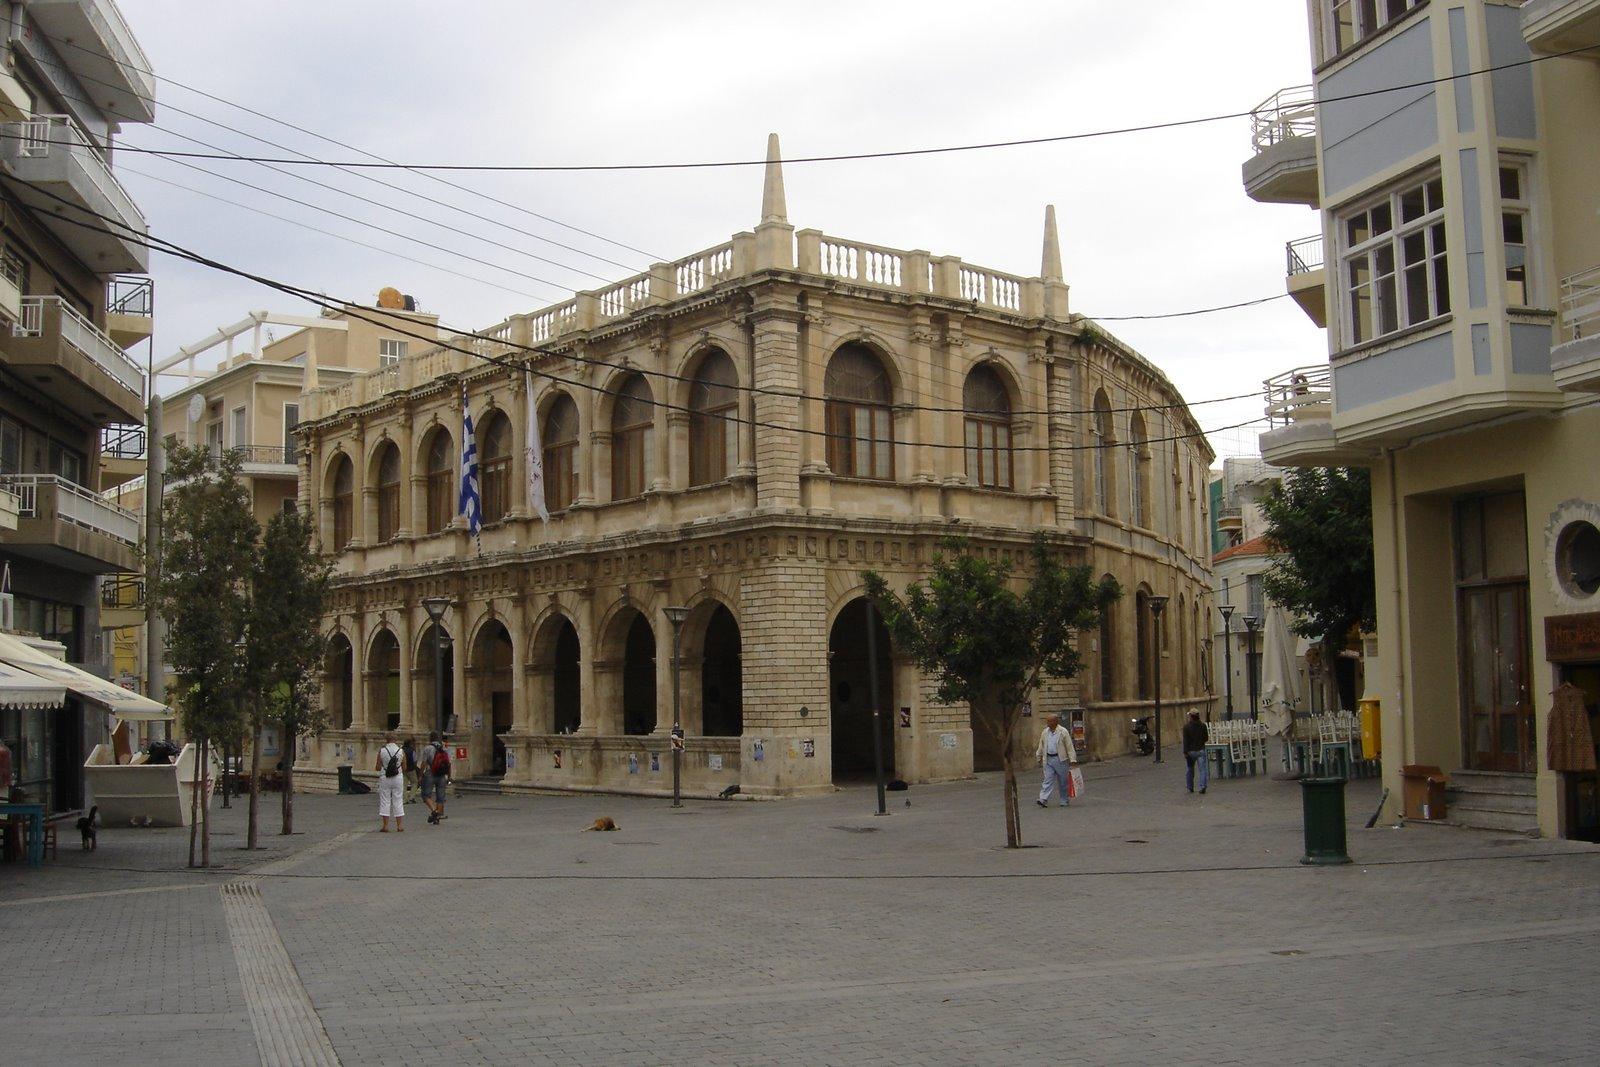 1ο Φεστιβάλ Μεσογειακού Κινηματογράφου από τον Δήμο Ηρακλείου